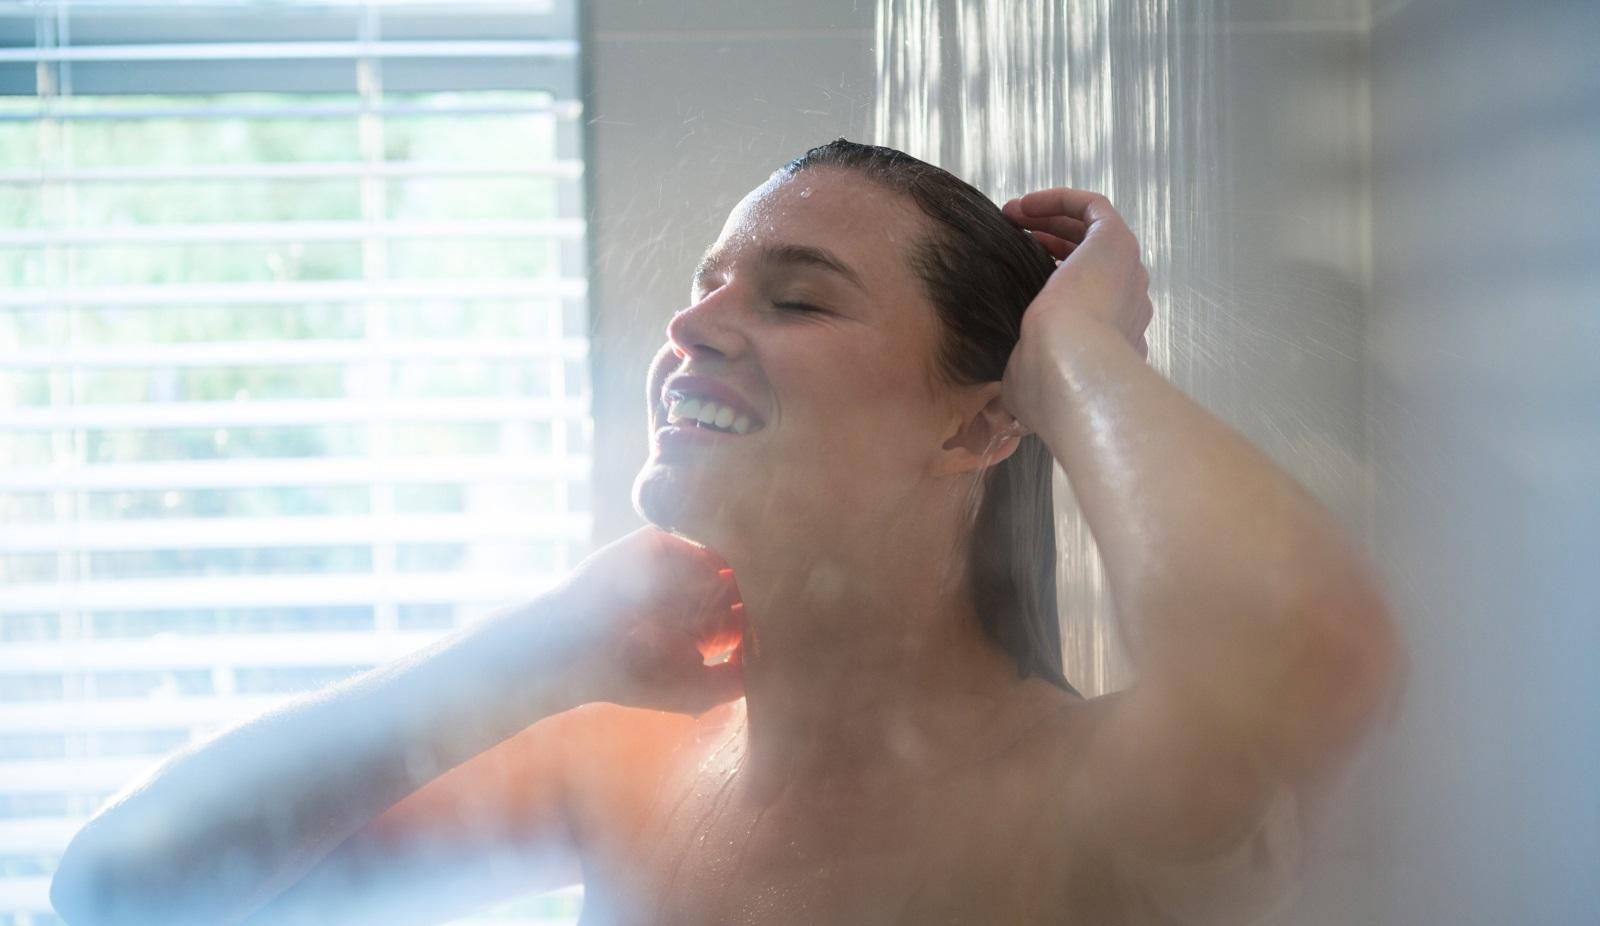 1. Къпем се с прекалено гореща вода - оптималната температура на водата за взимане на душ е около 35 градуса. Много горещата вода изсушава кожата.